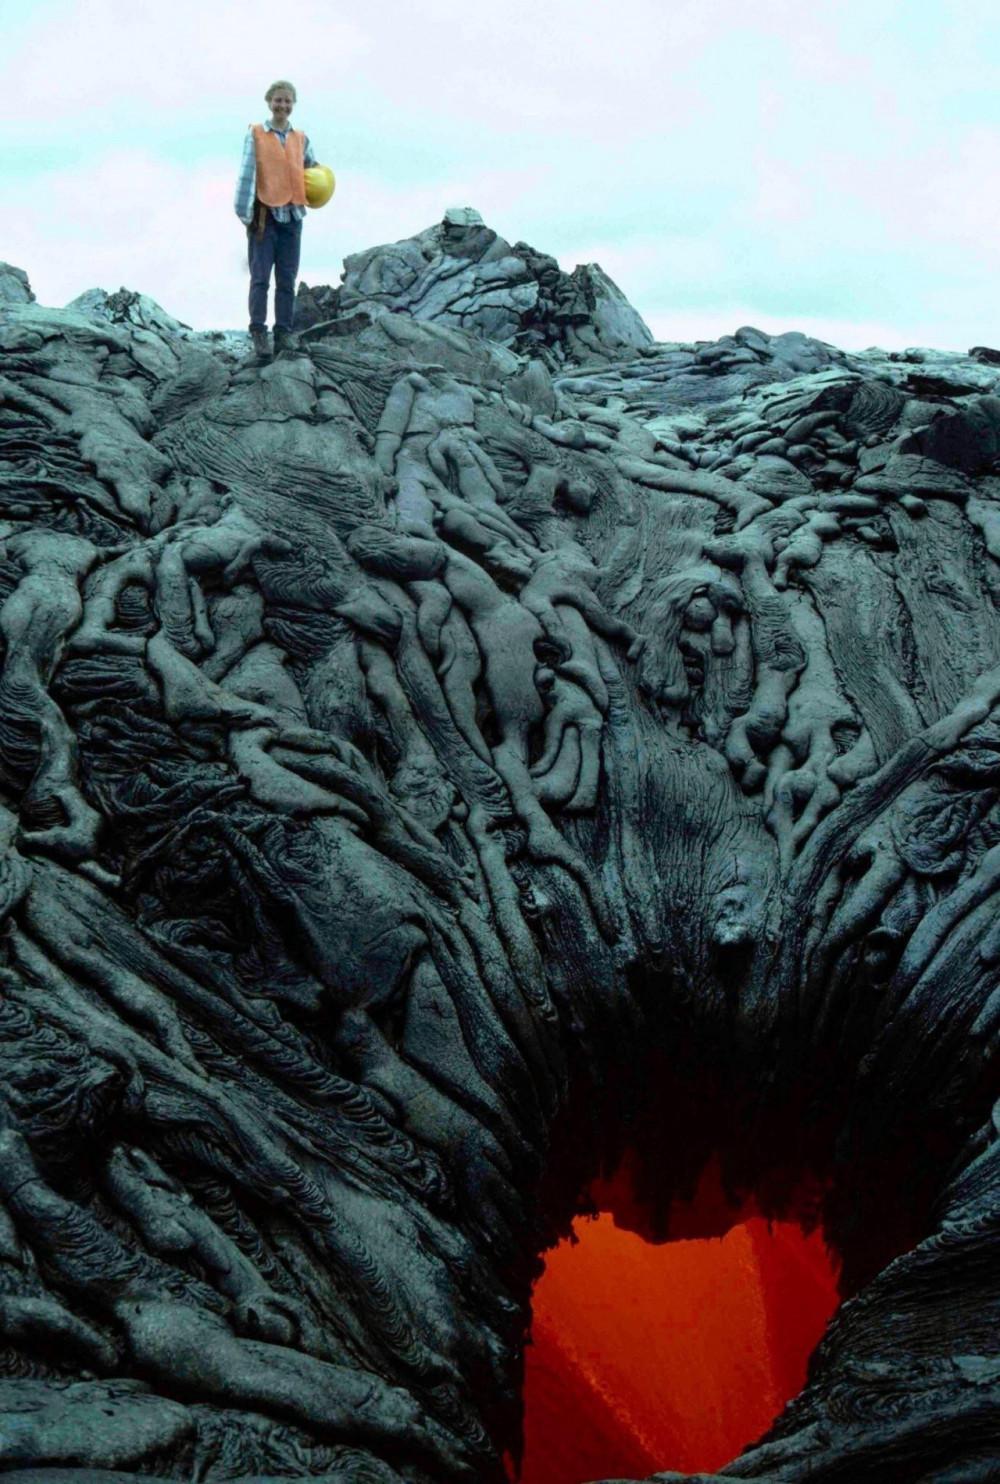 https://emosurf.com/i/00063Z00ogmm0g8/zherlo-vulkana-napominayushchee-vkhod-v-preispodnyuyu_large.jpg